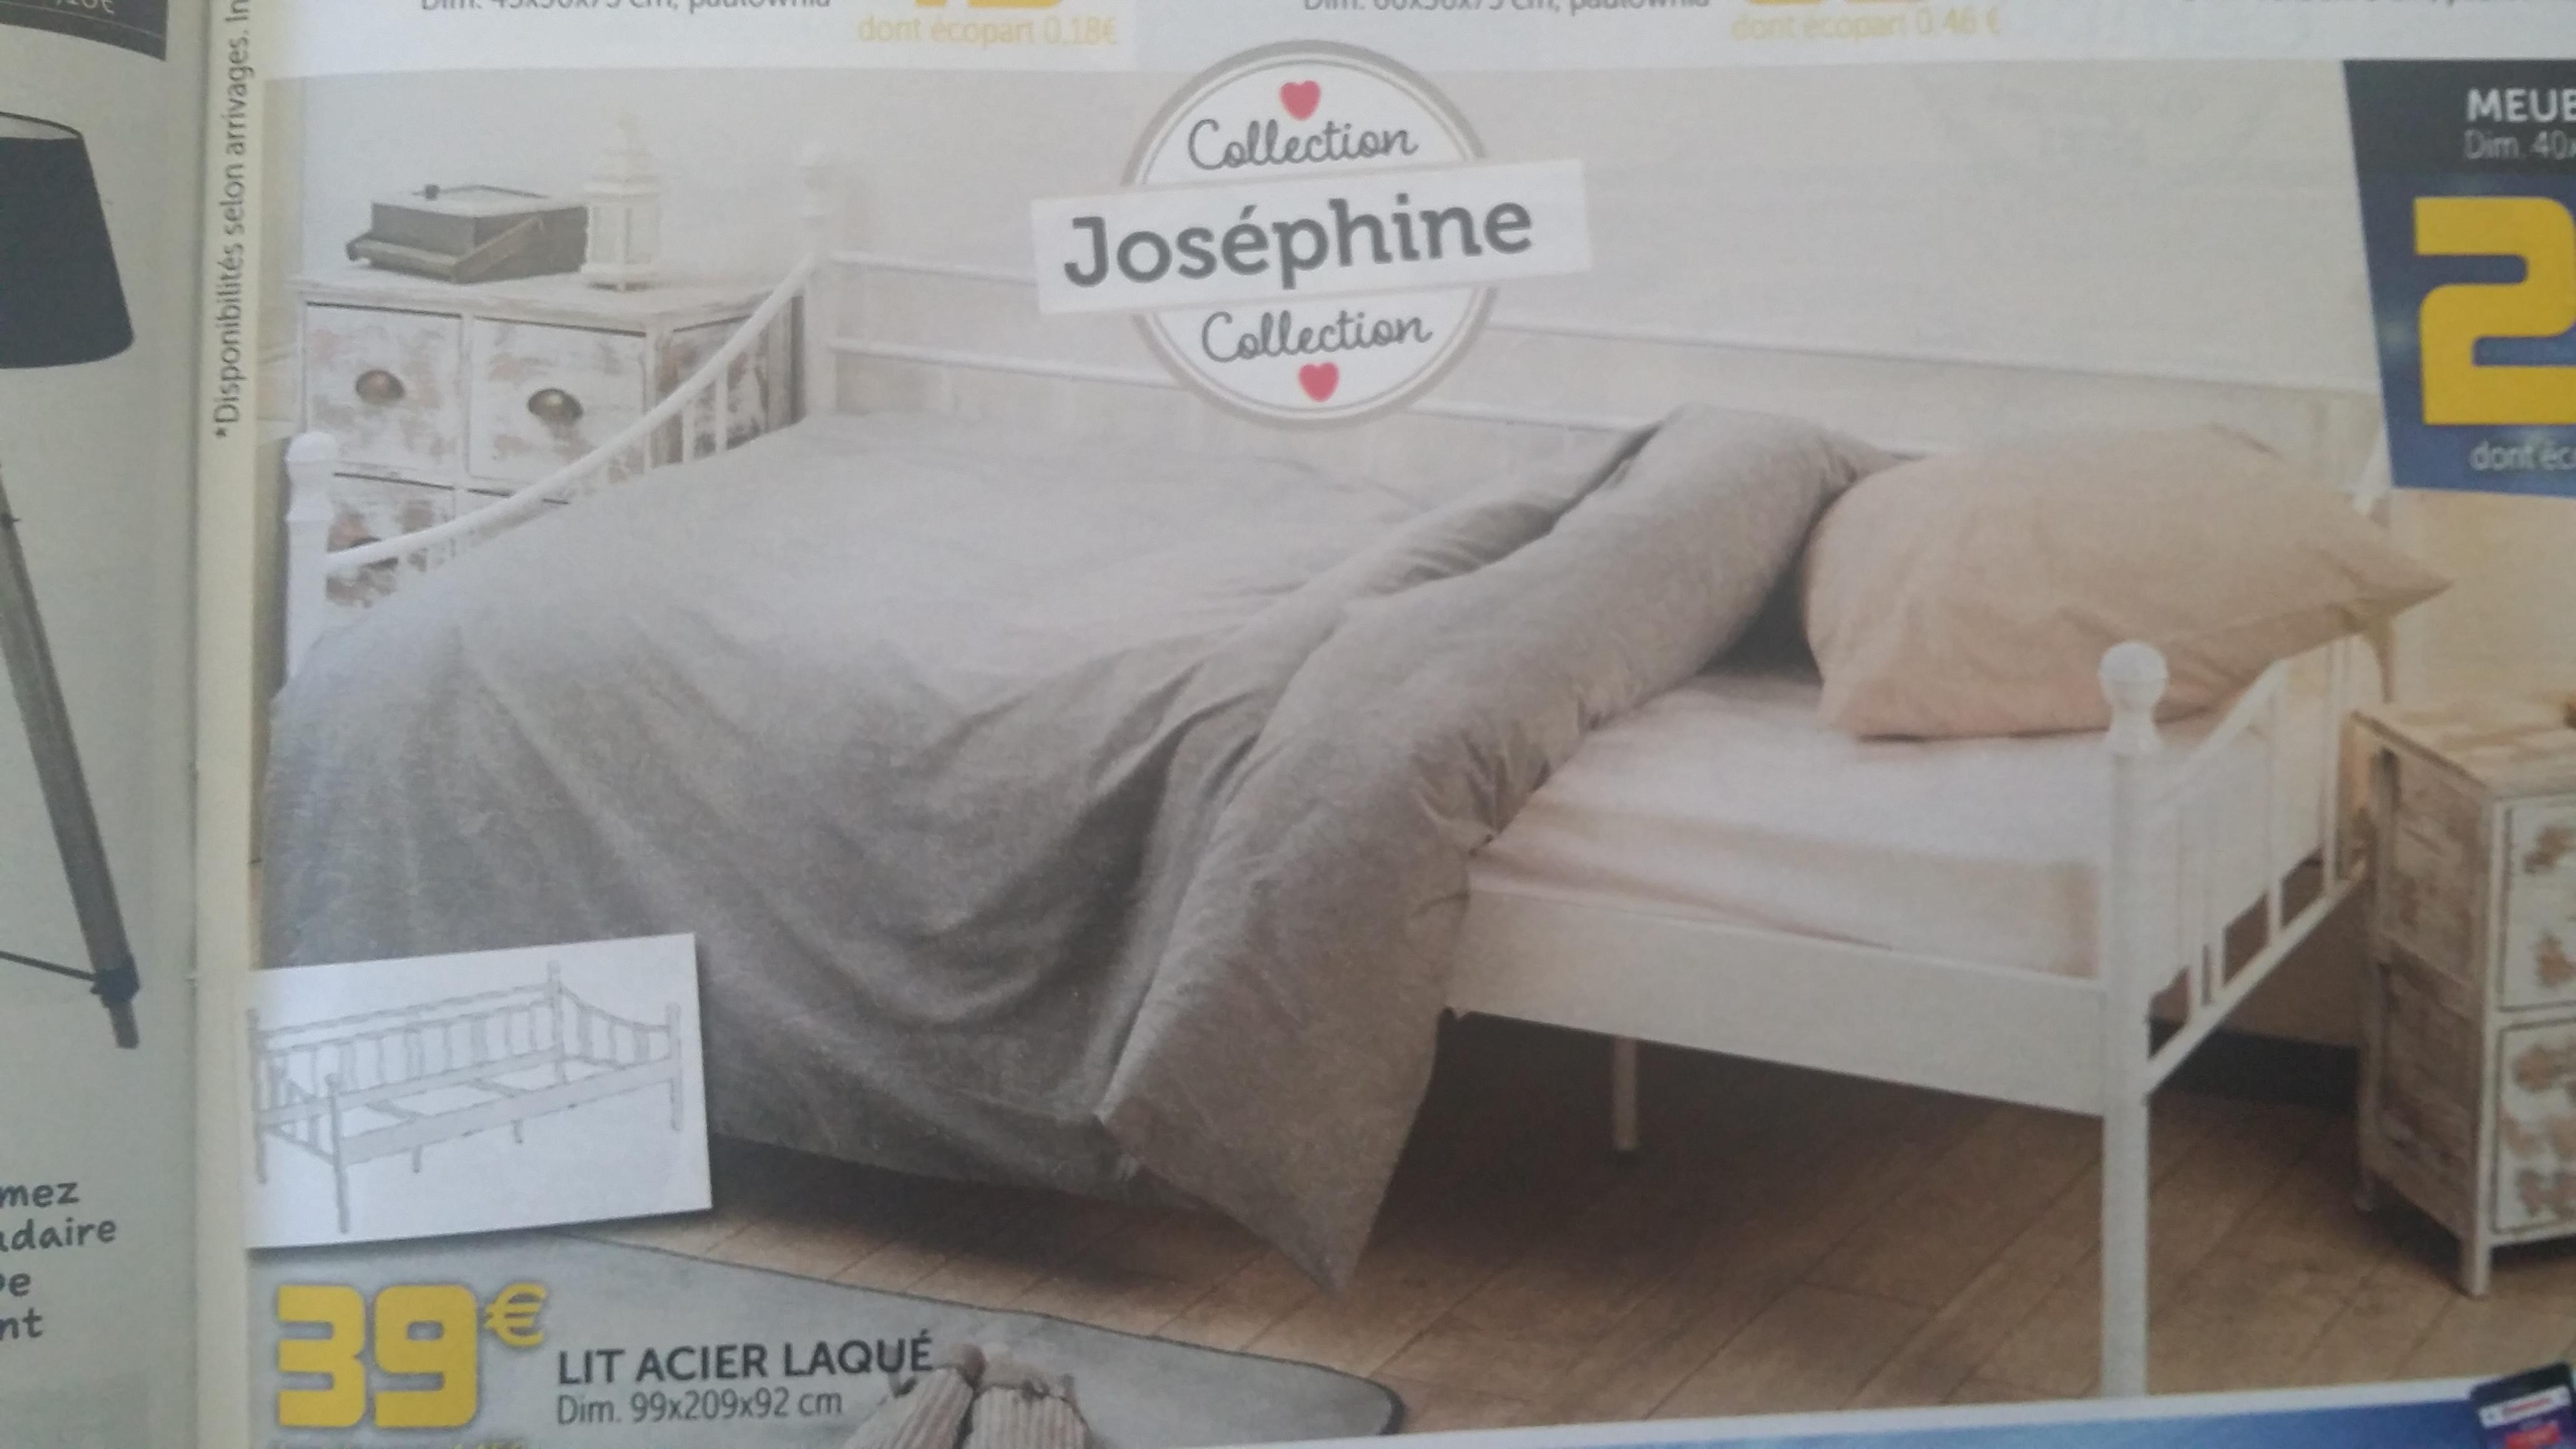 Structure de lit Joséphine (99x209x92 cm, en acier laqué, blanc)